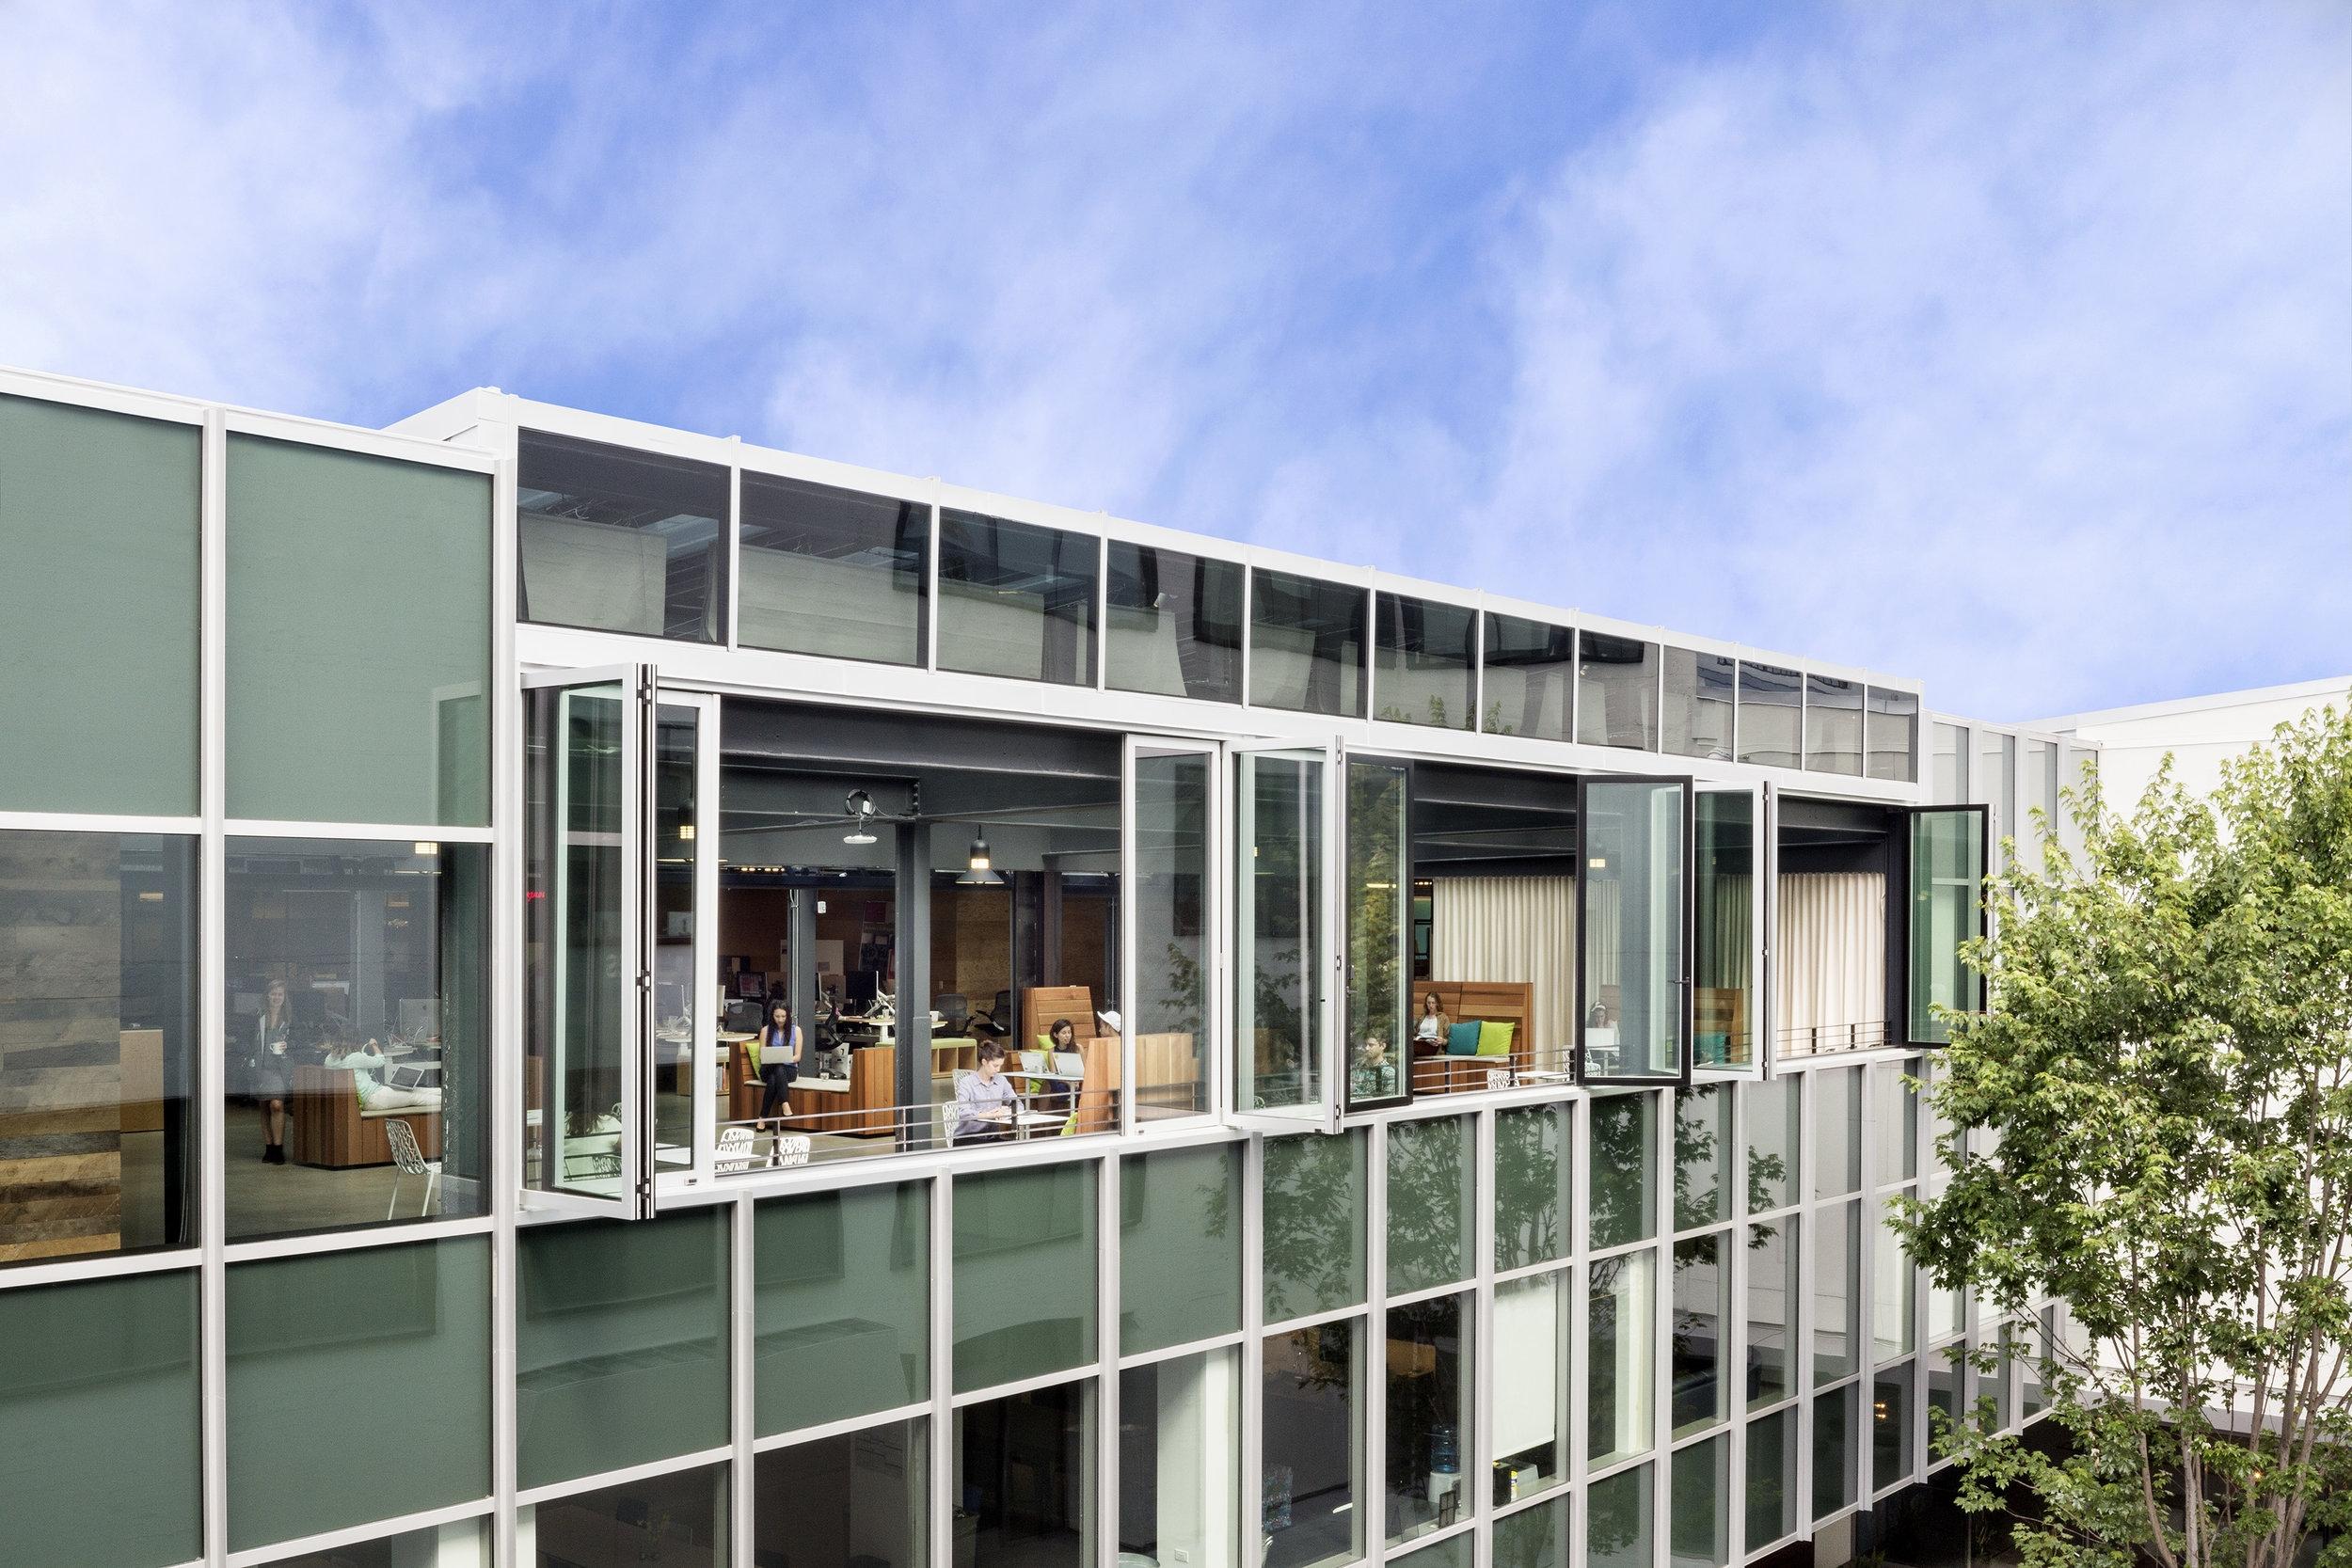 Airbnb Headquarters Atrium Exterior